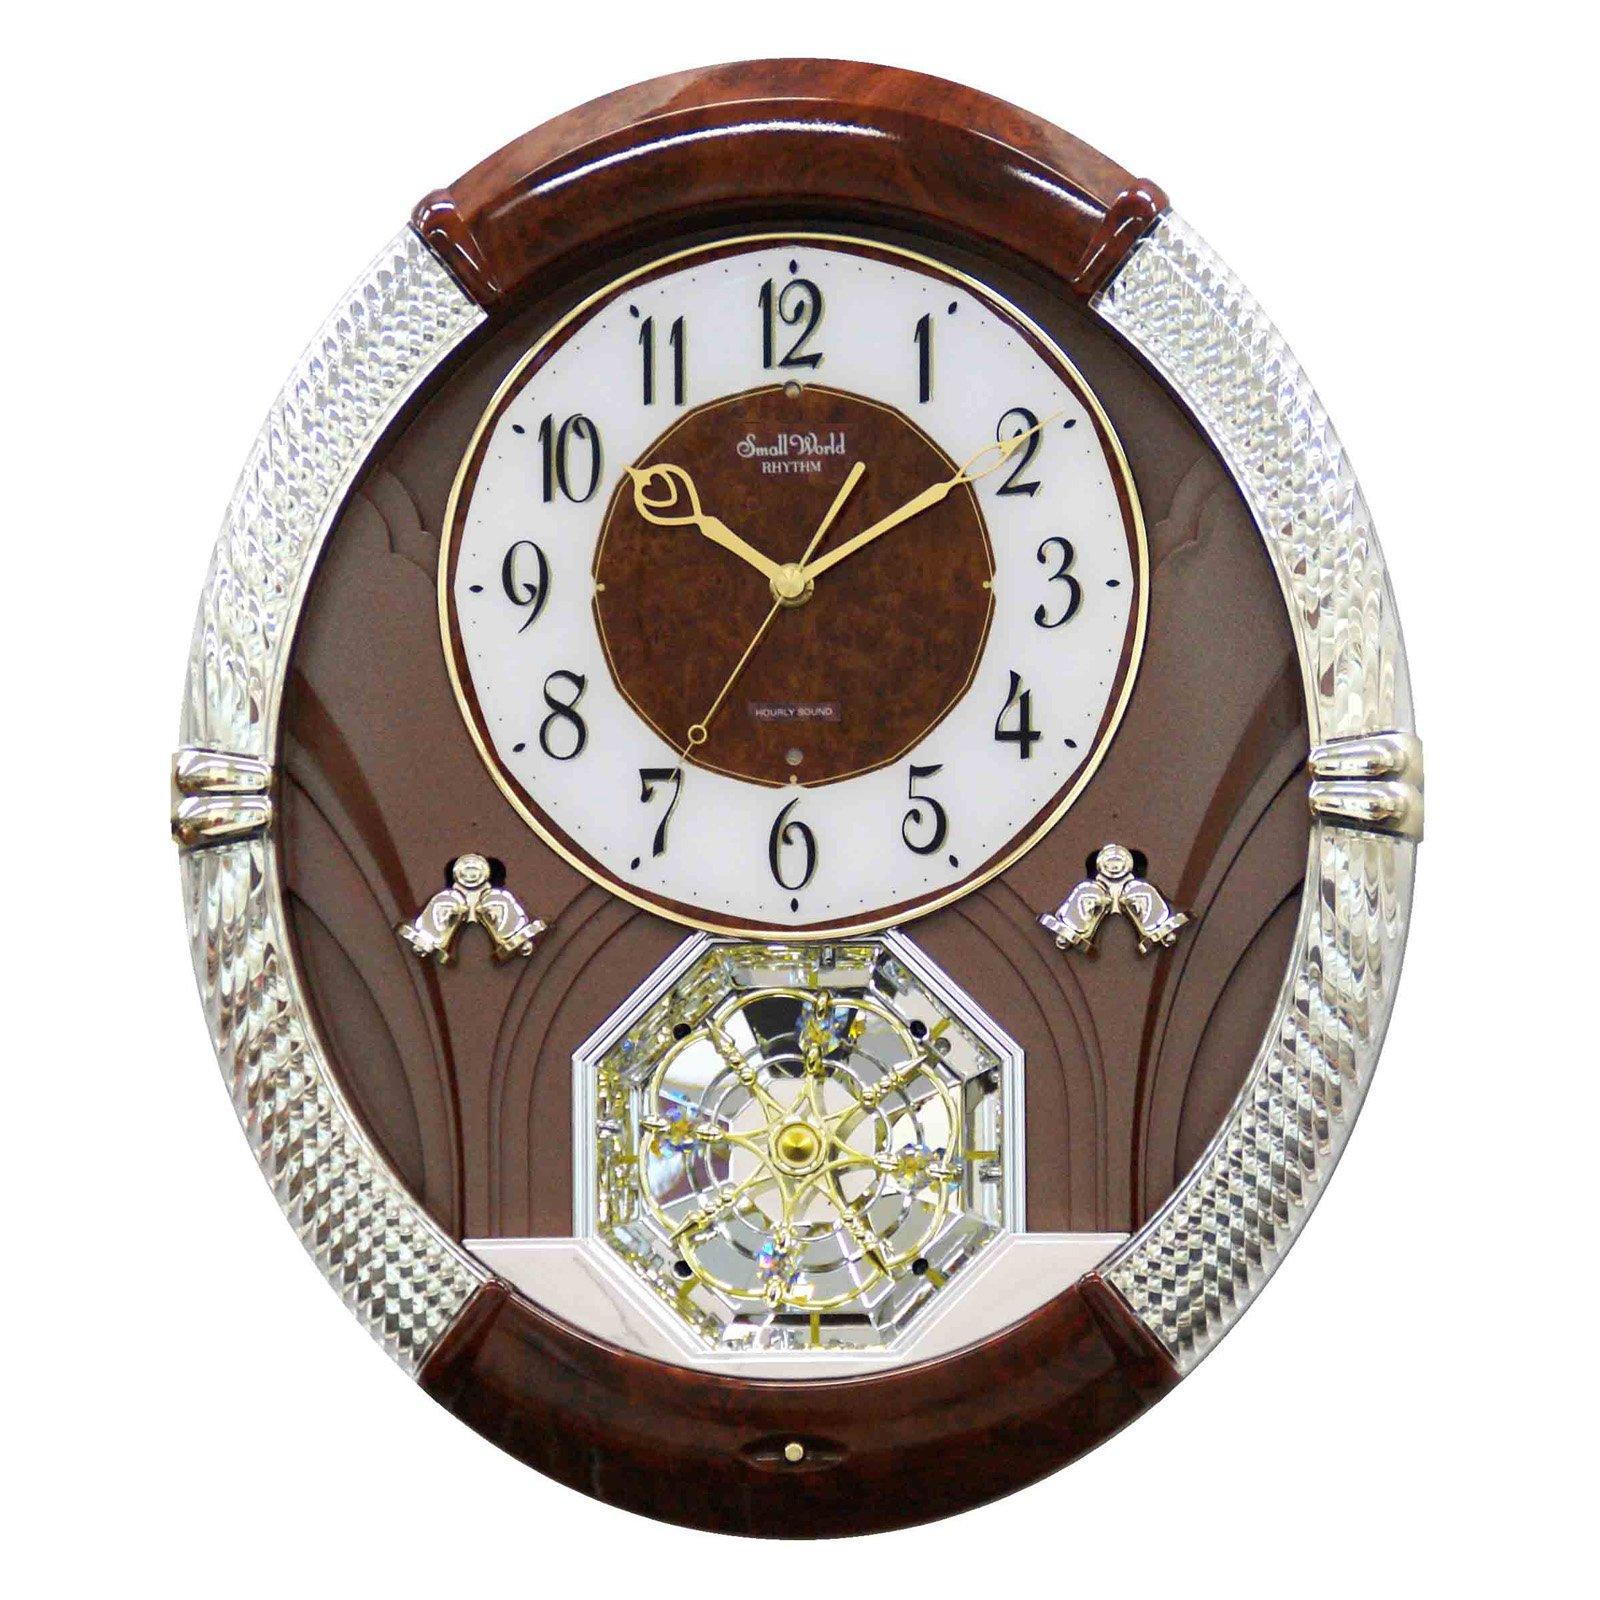 Rhythm Joyful Moment Wall Clock 14 6 In Wide Products